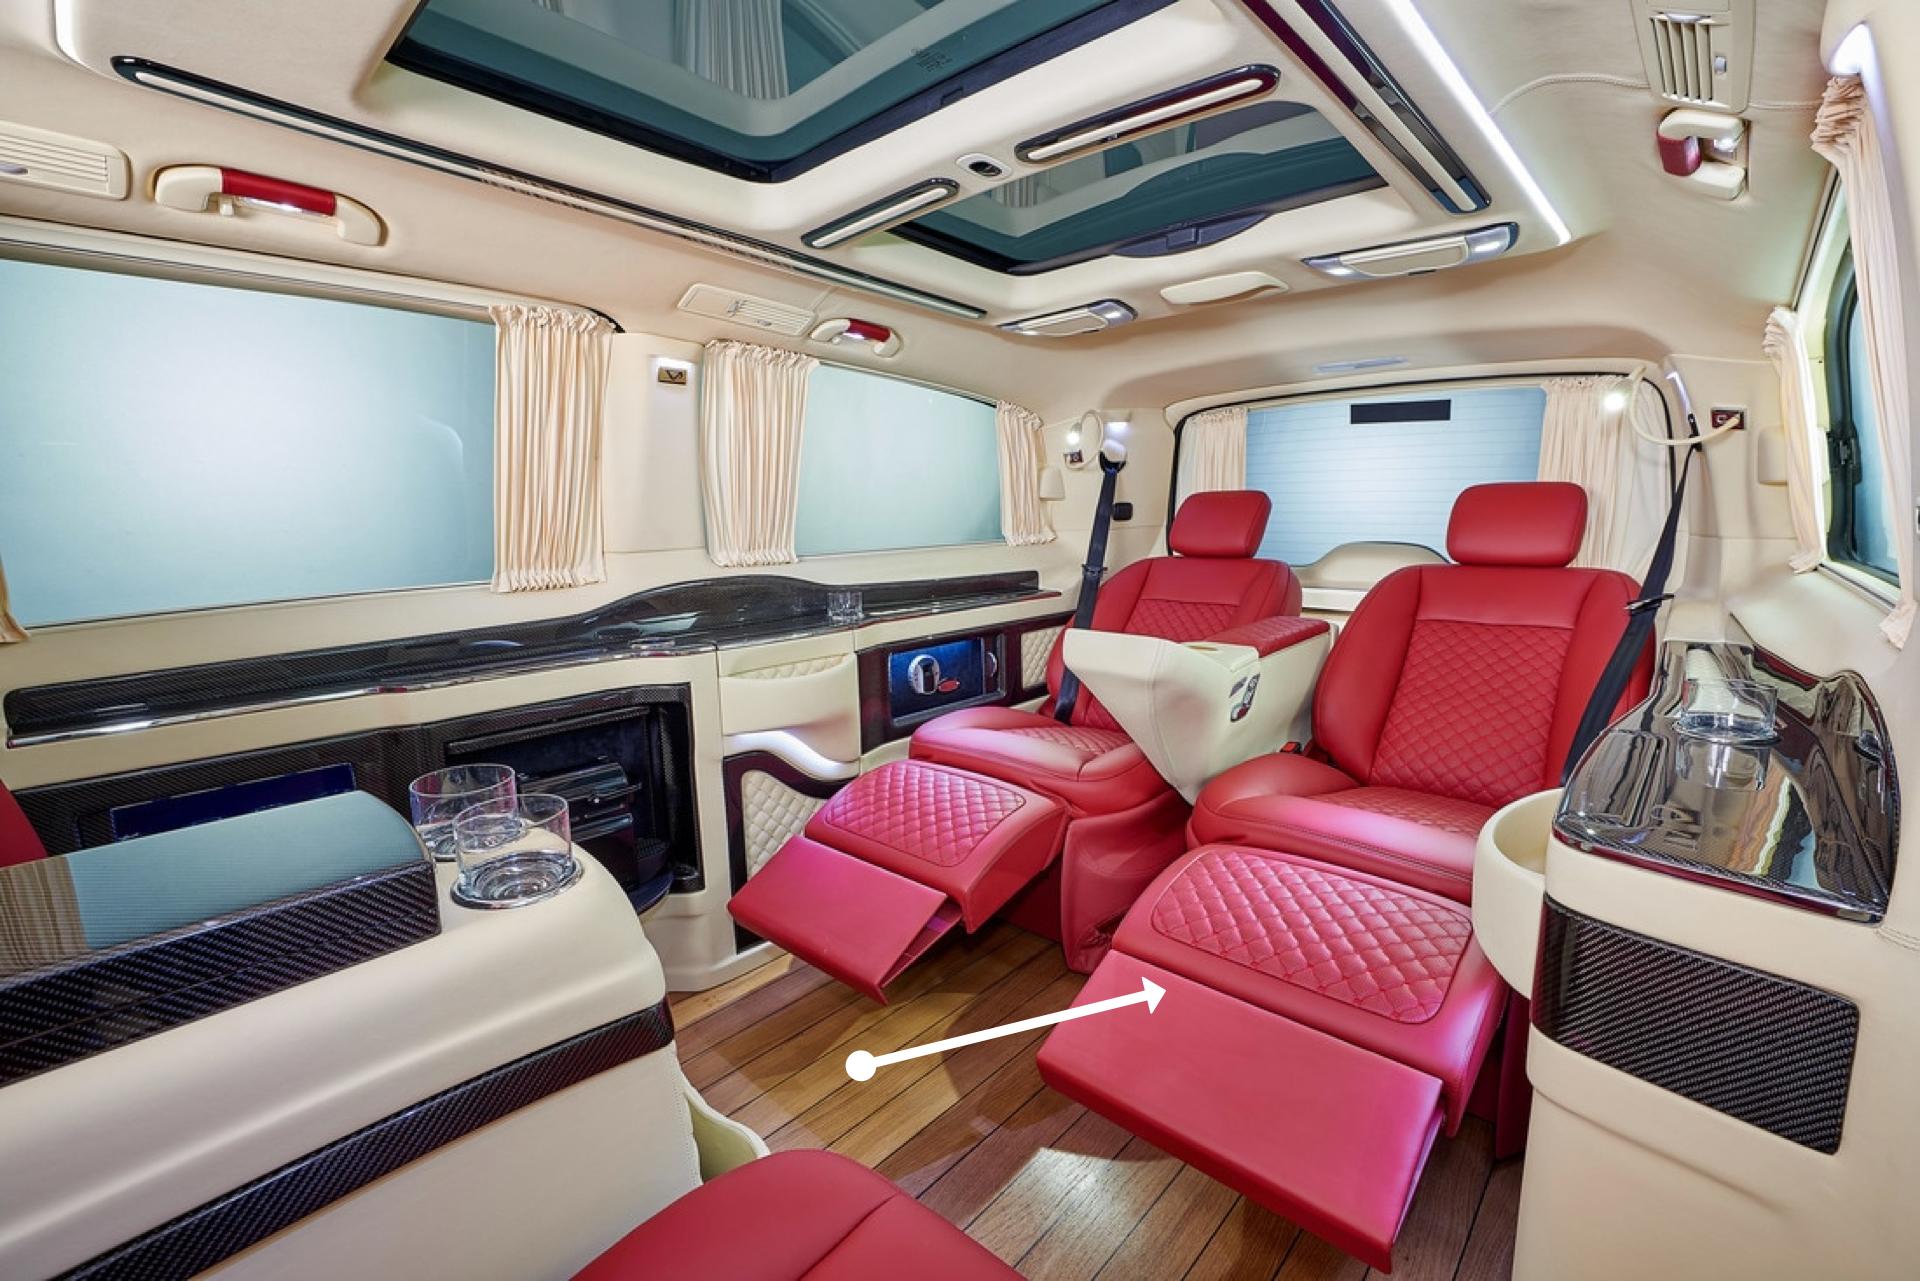 DMC Luxury Interior: Carbon Fiber Body Kit for the Mercedes Van V-Class